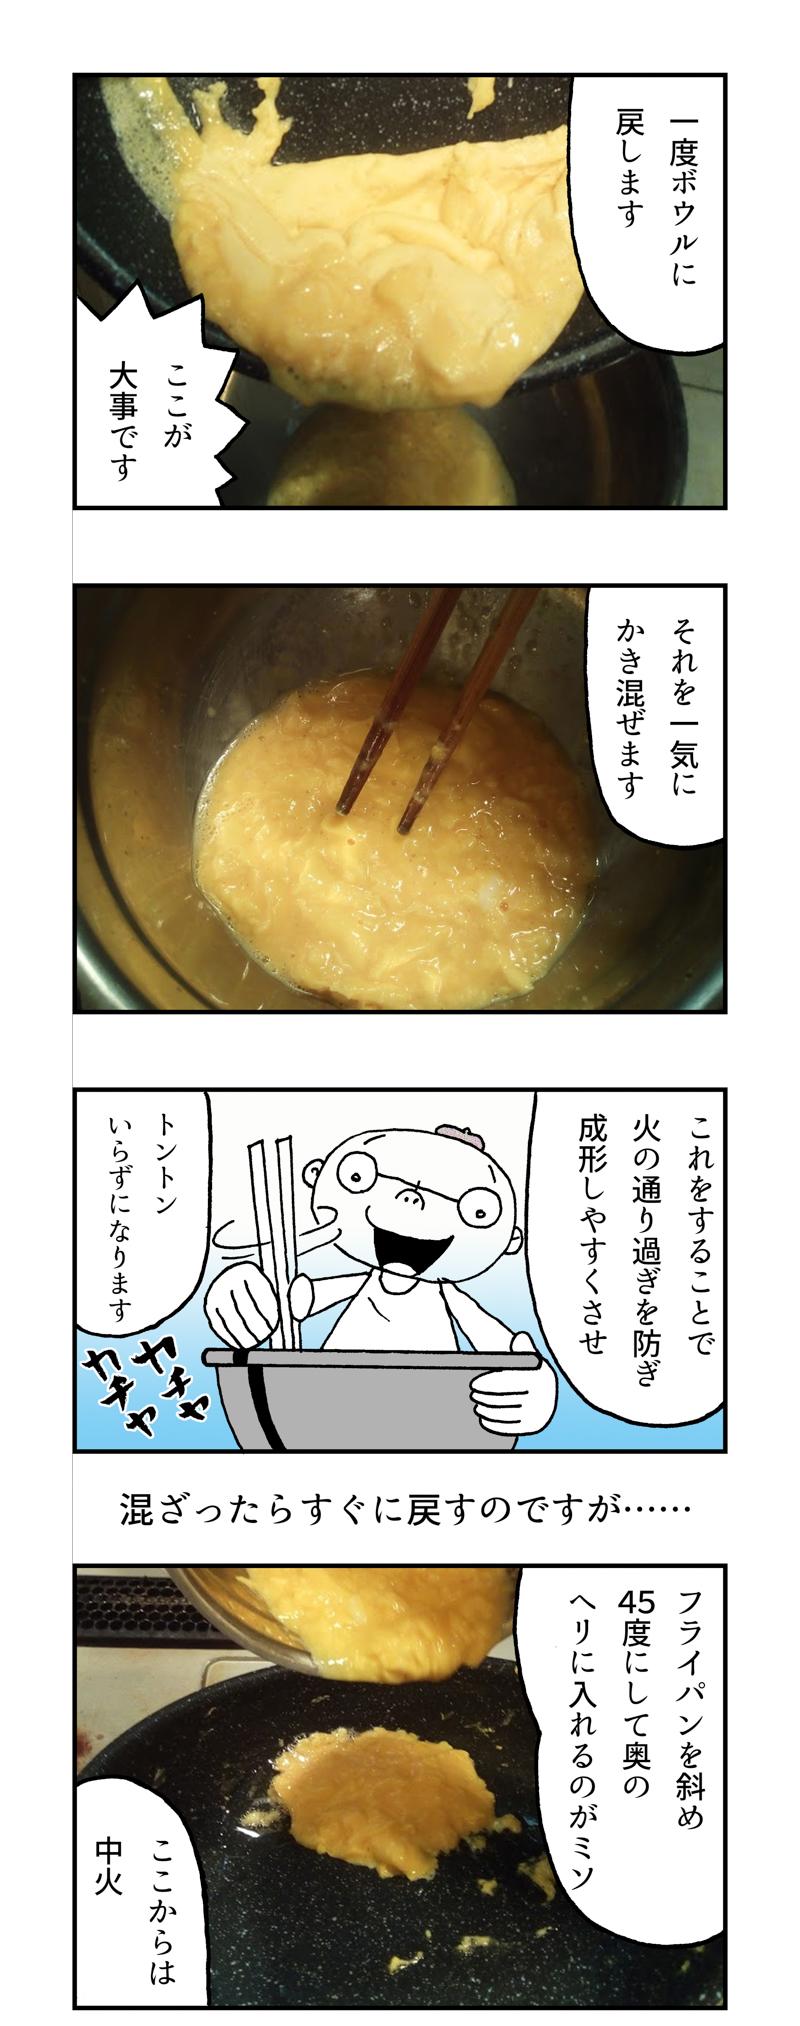 f:id:Meshi2_IB:20170627120916j:plain